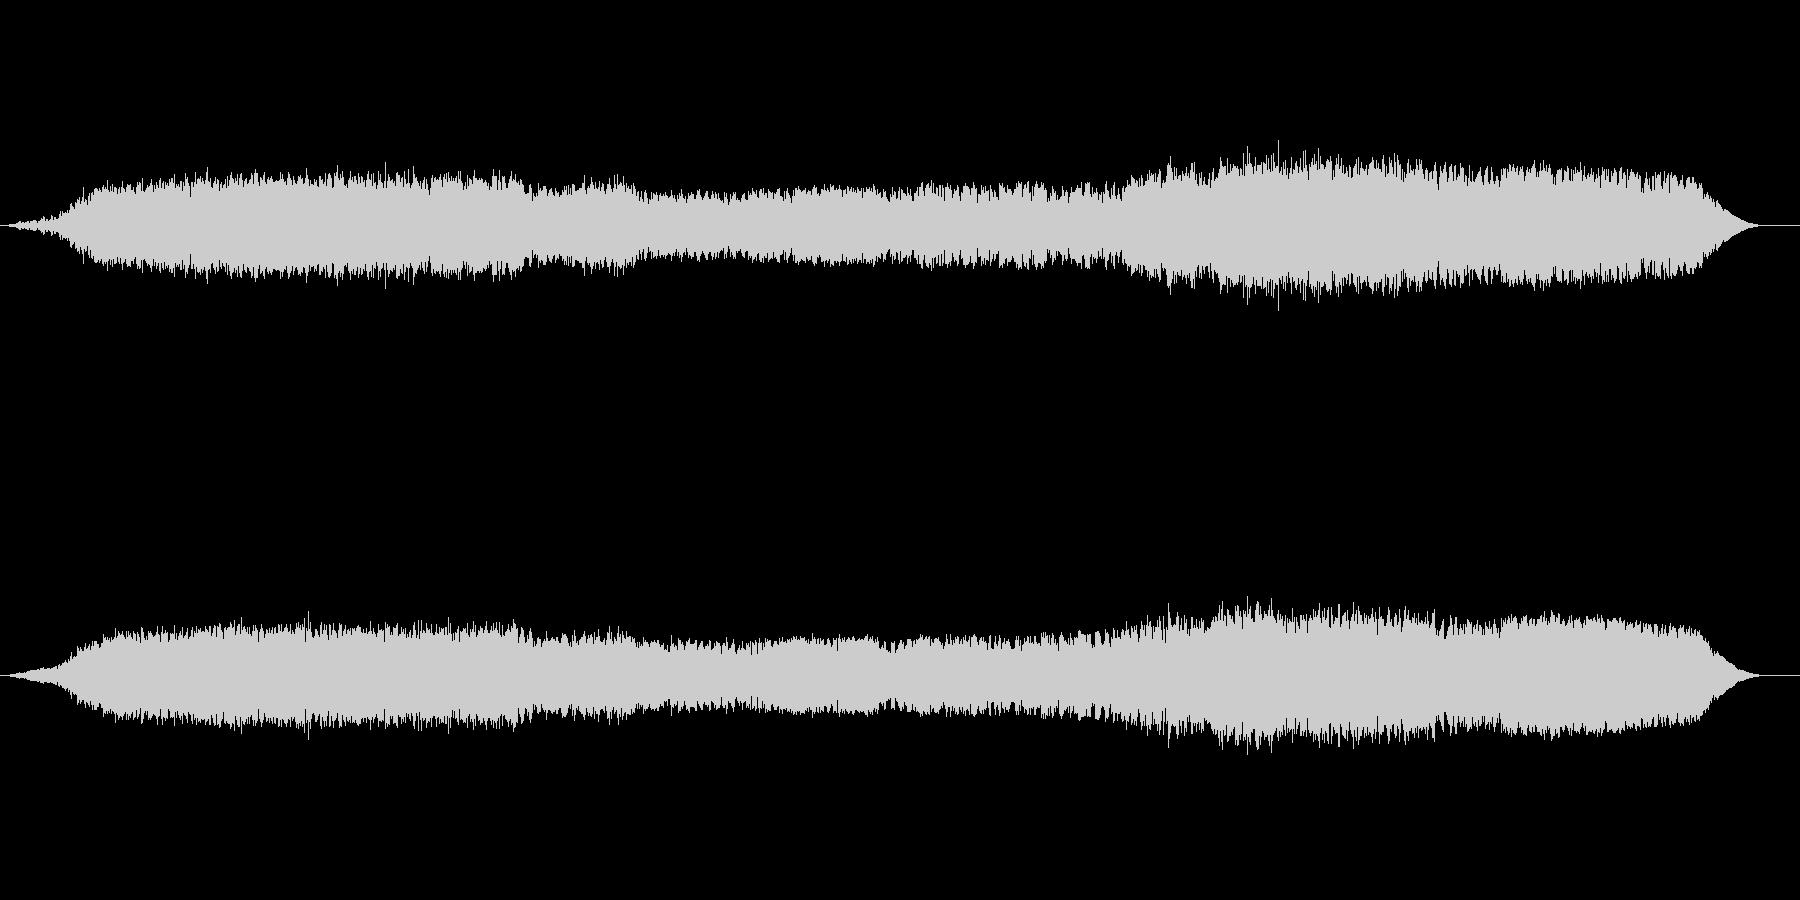 宇宙空間での遊泳のイメージのBGMですの未再生の波形